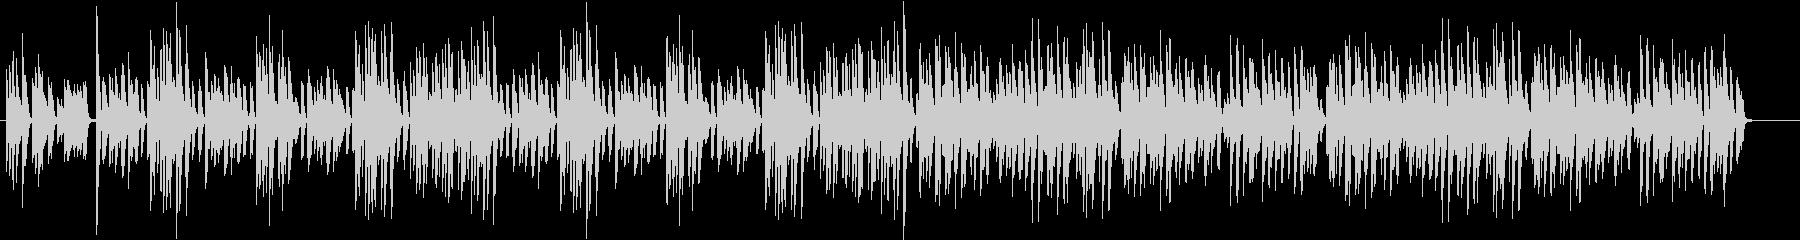 楽しい明るいピアノ曲BGMの未再生の波形